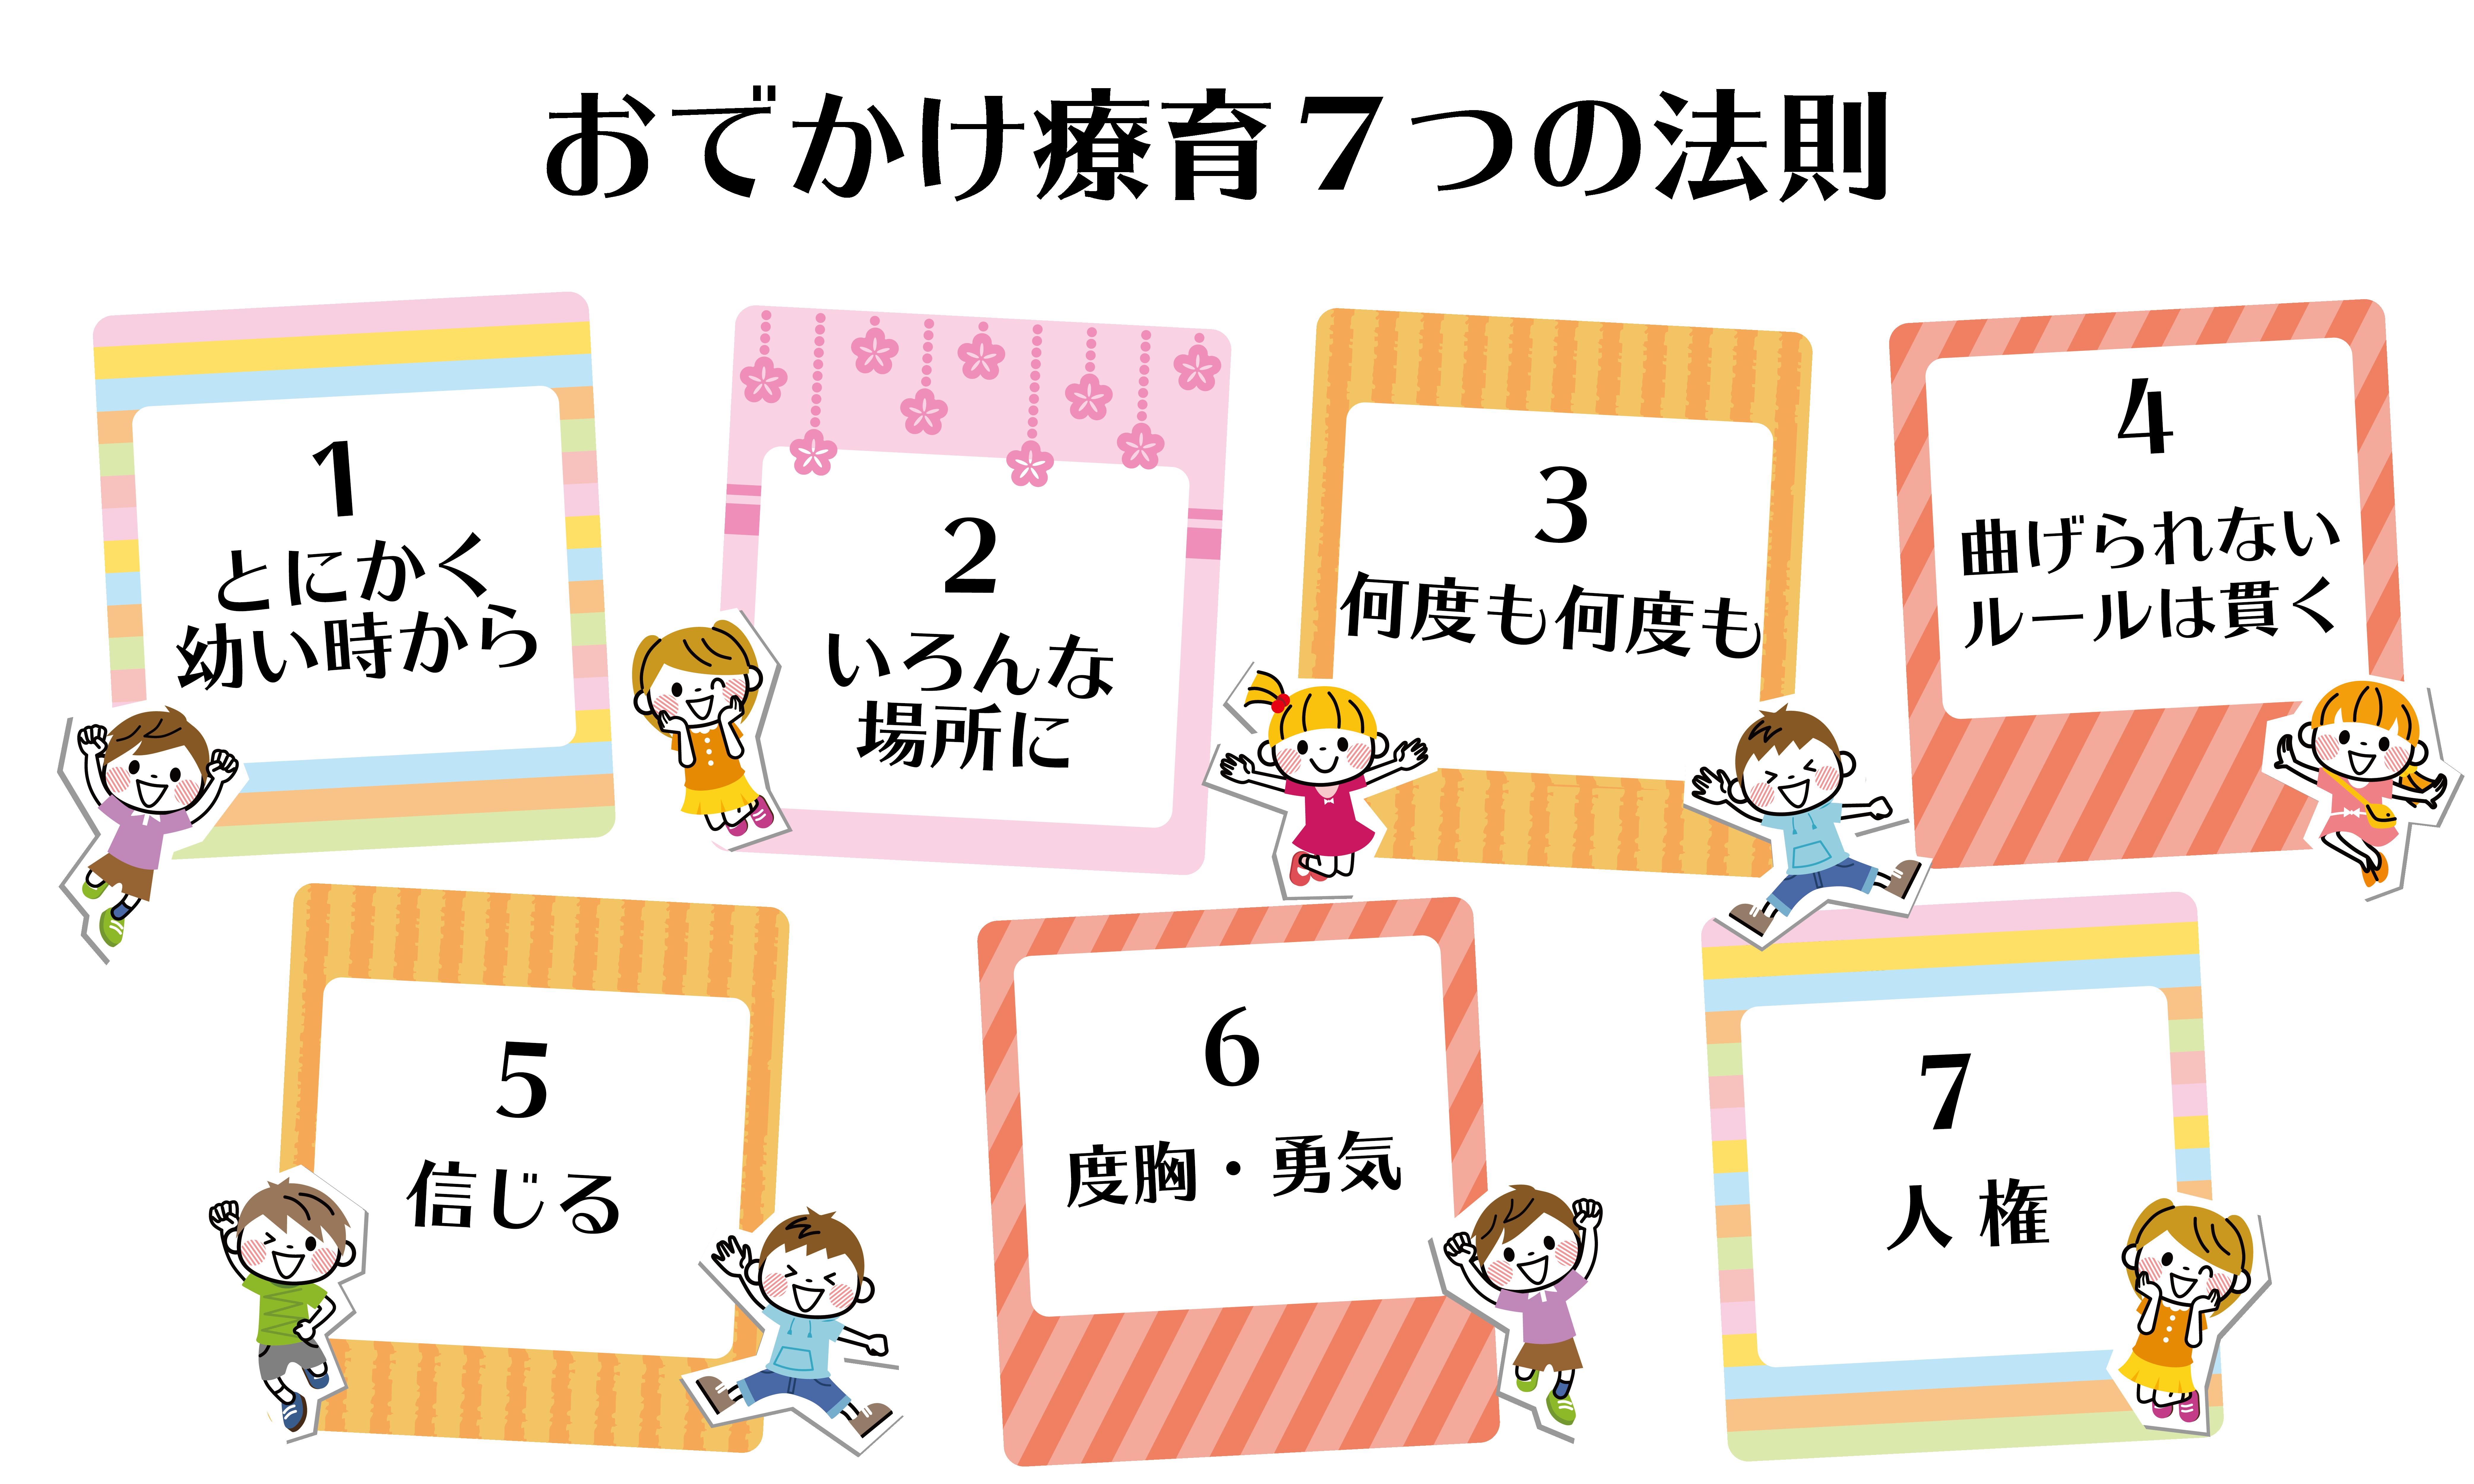 7つの法則